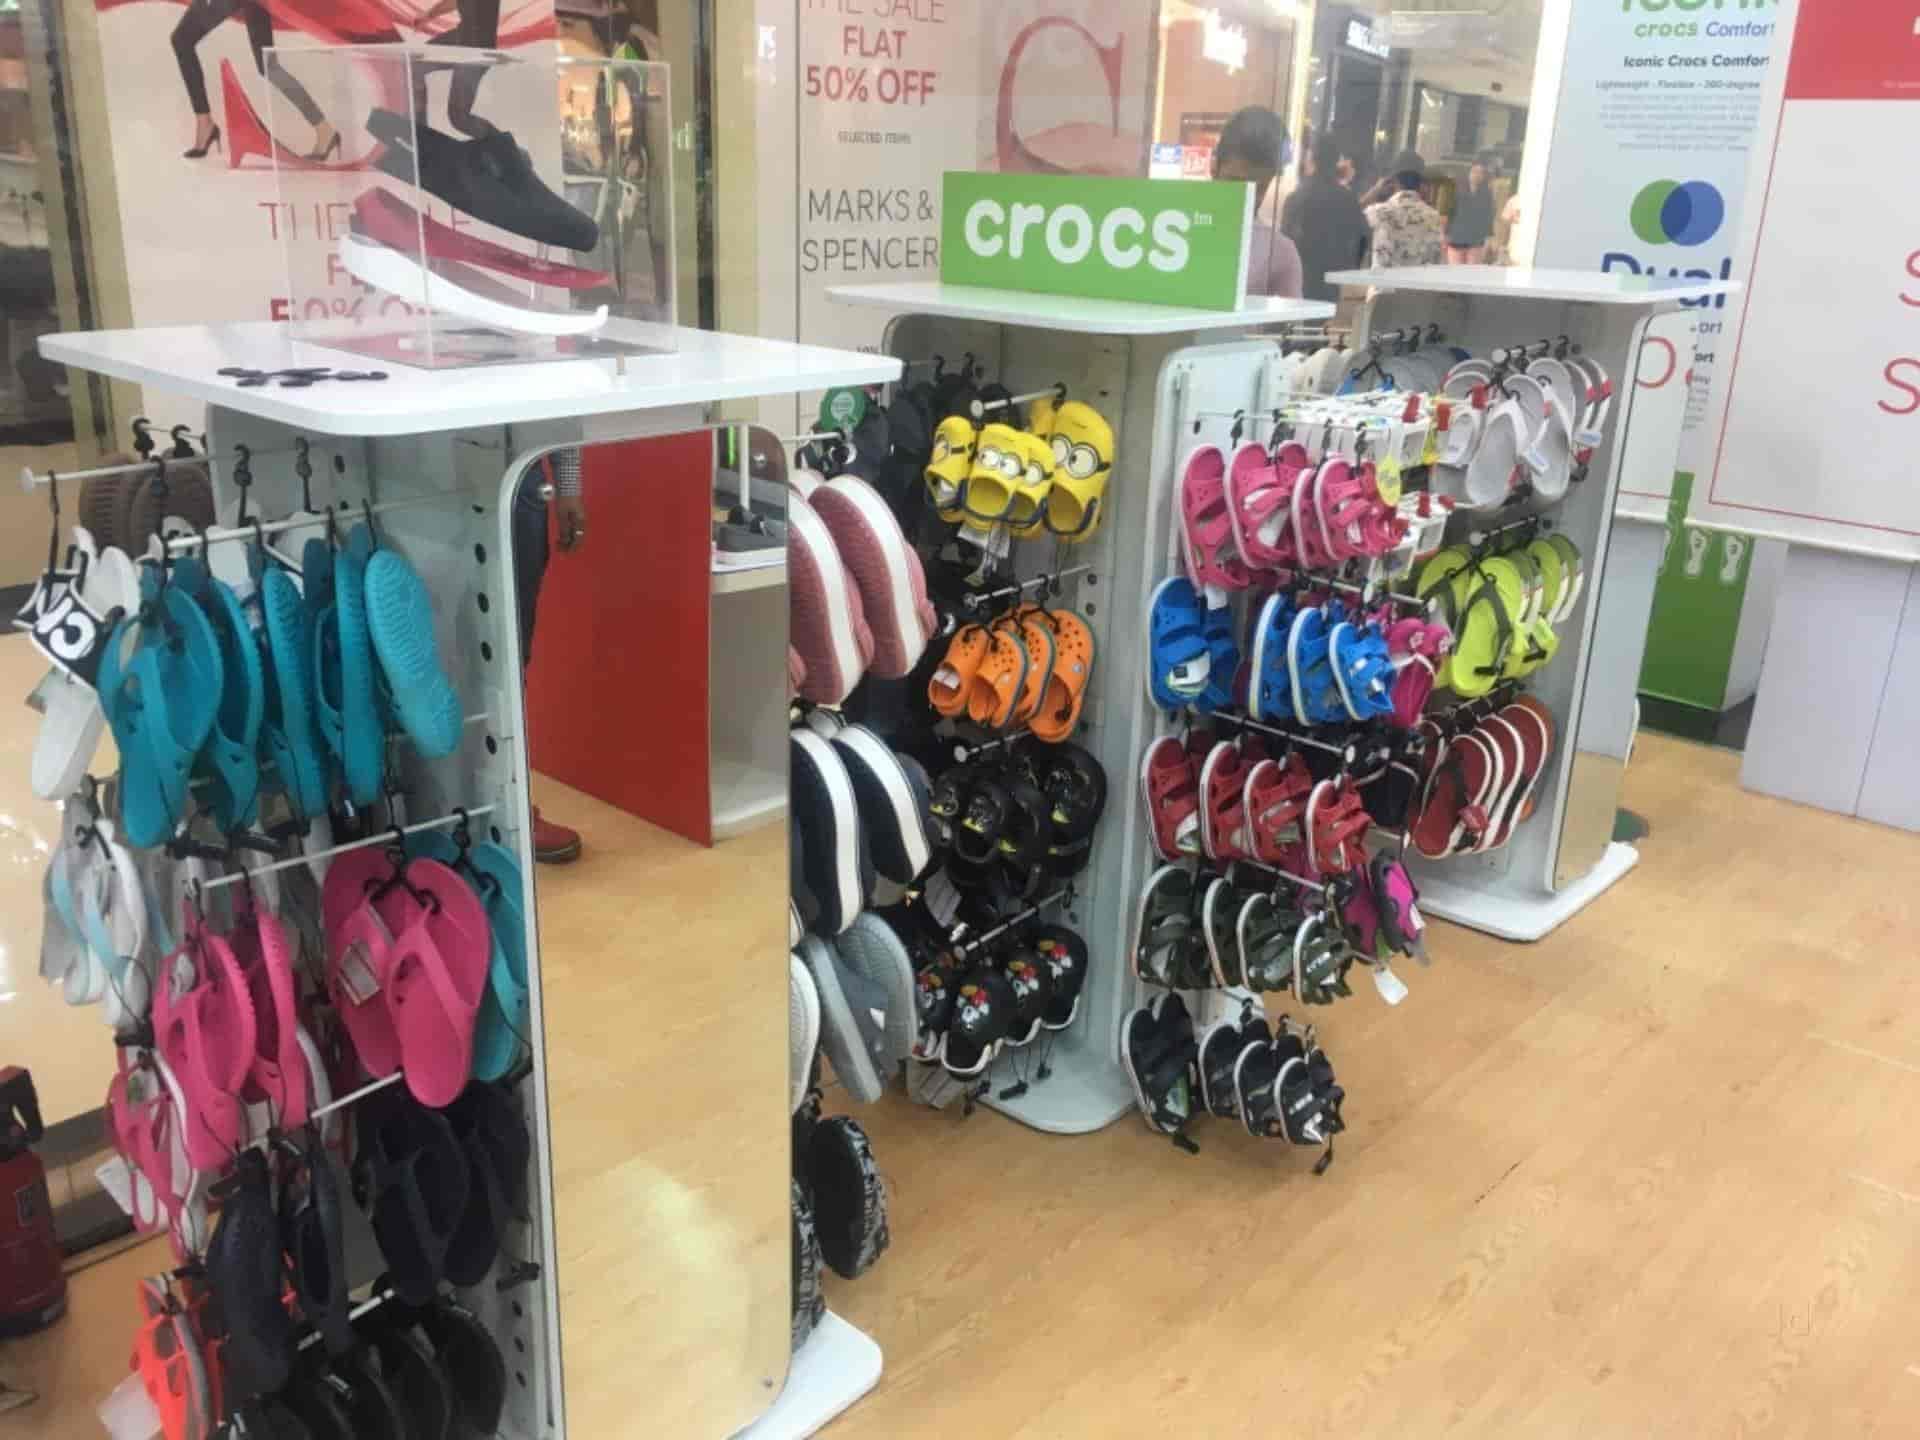 6ad5a4b6aa12 Crocs Store